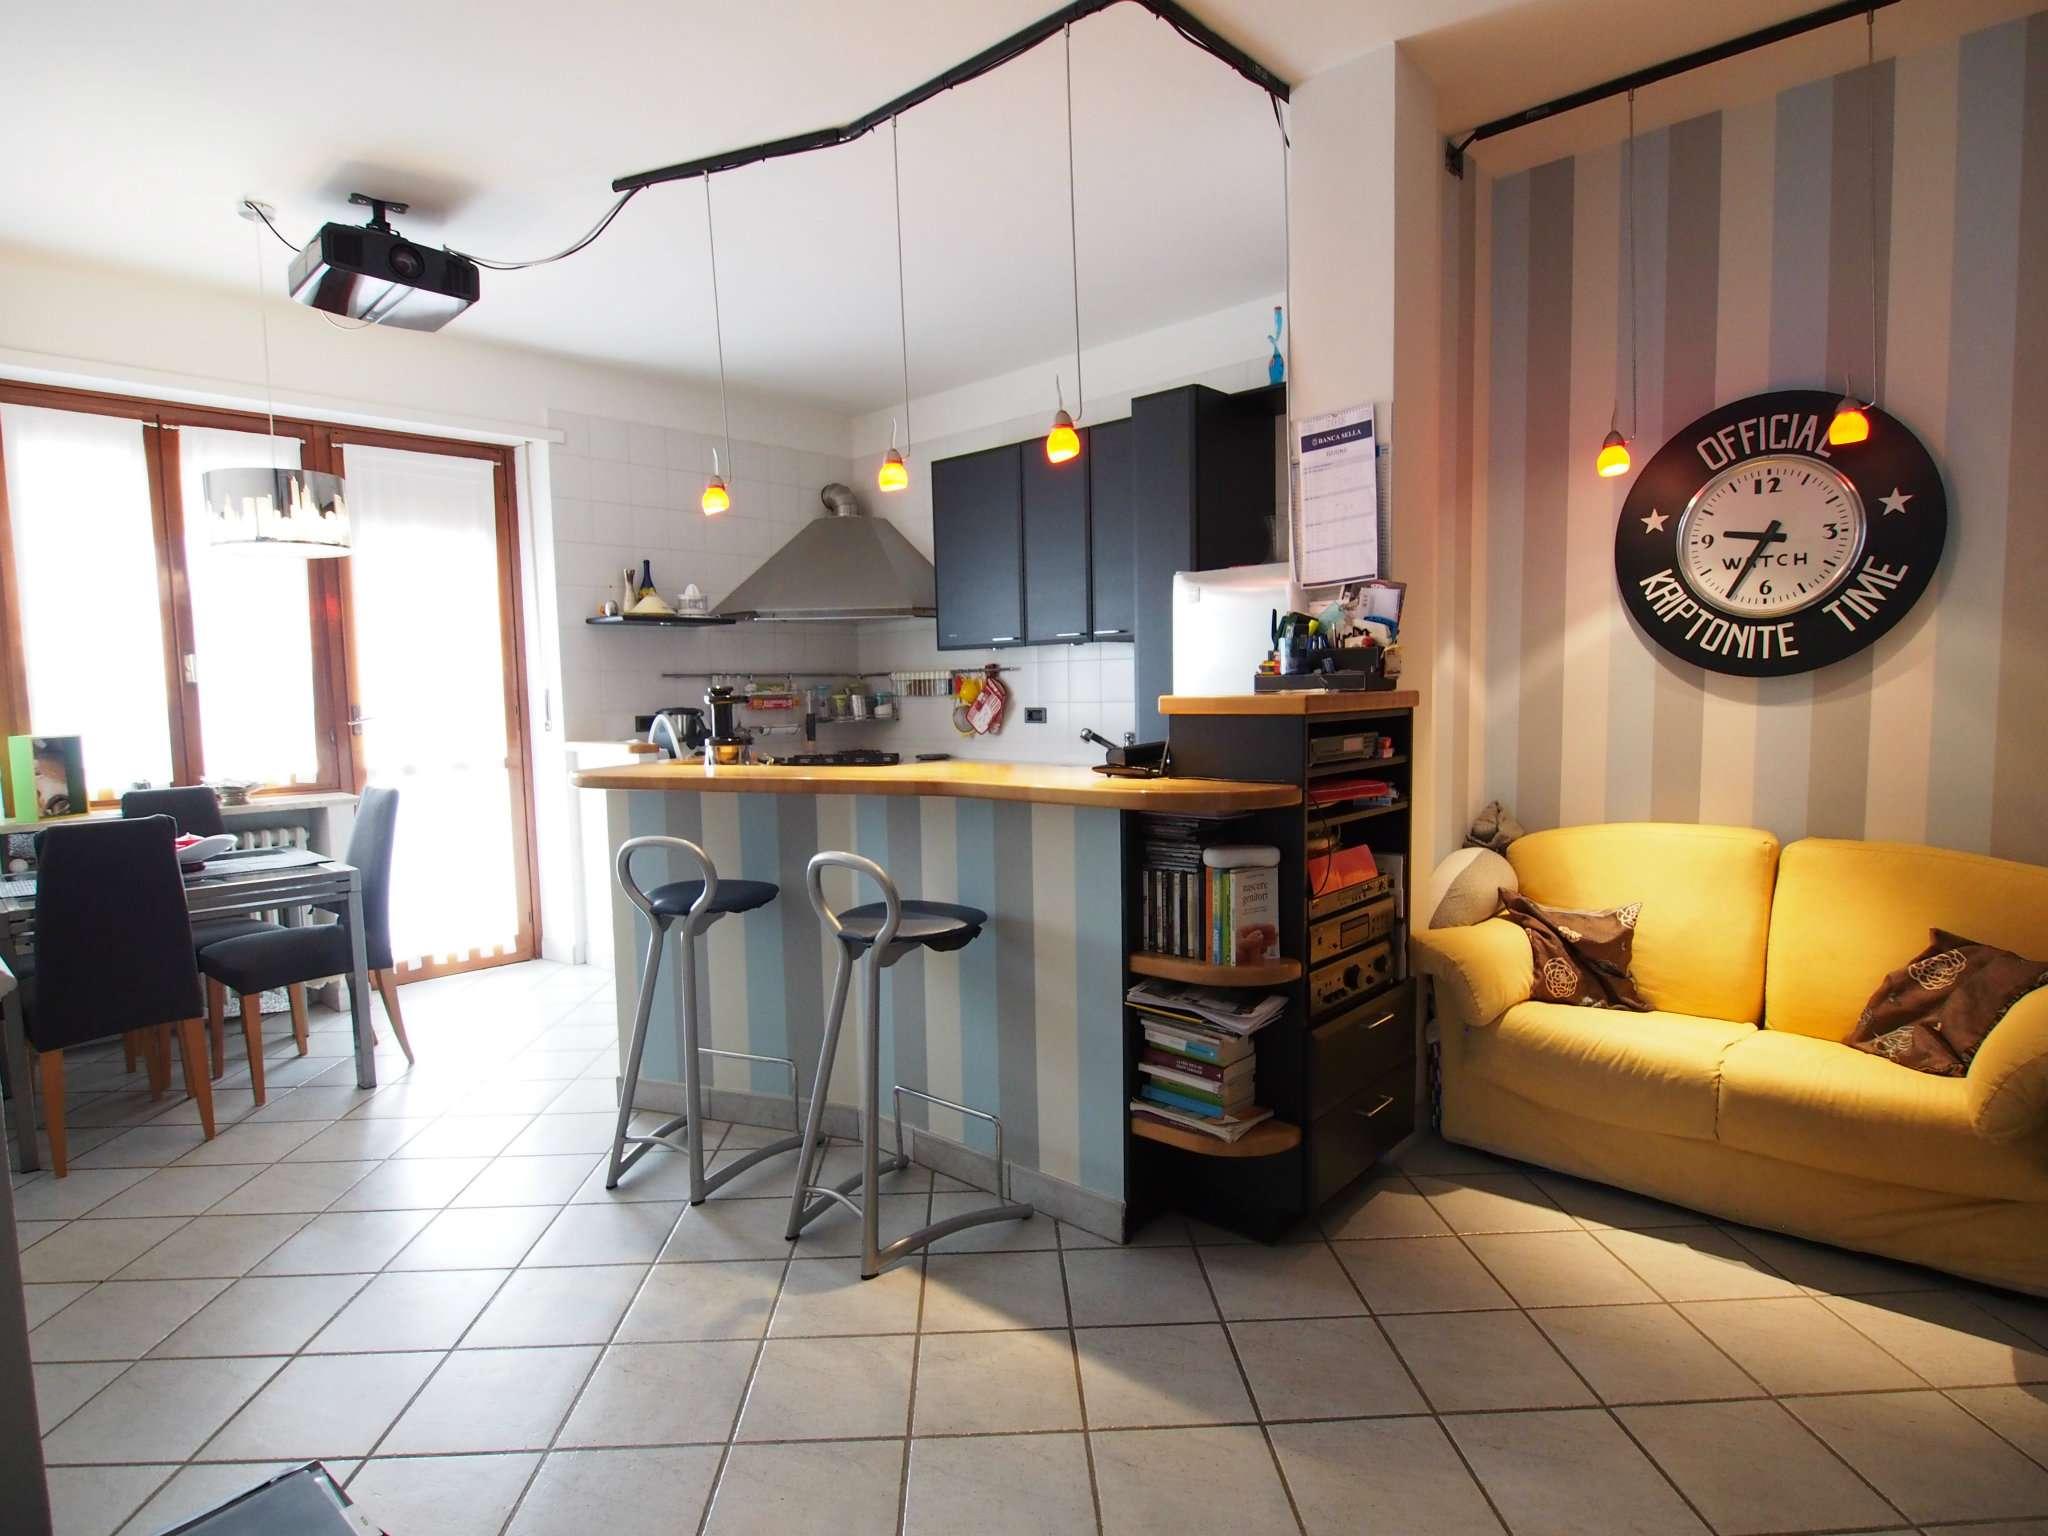 Appartamento in vendita a Rosta, 2 locali, prezzo € 120.000 | PortaleAgenzieImmobiliari.it